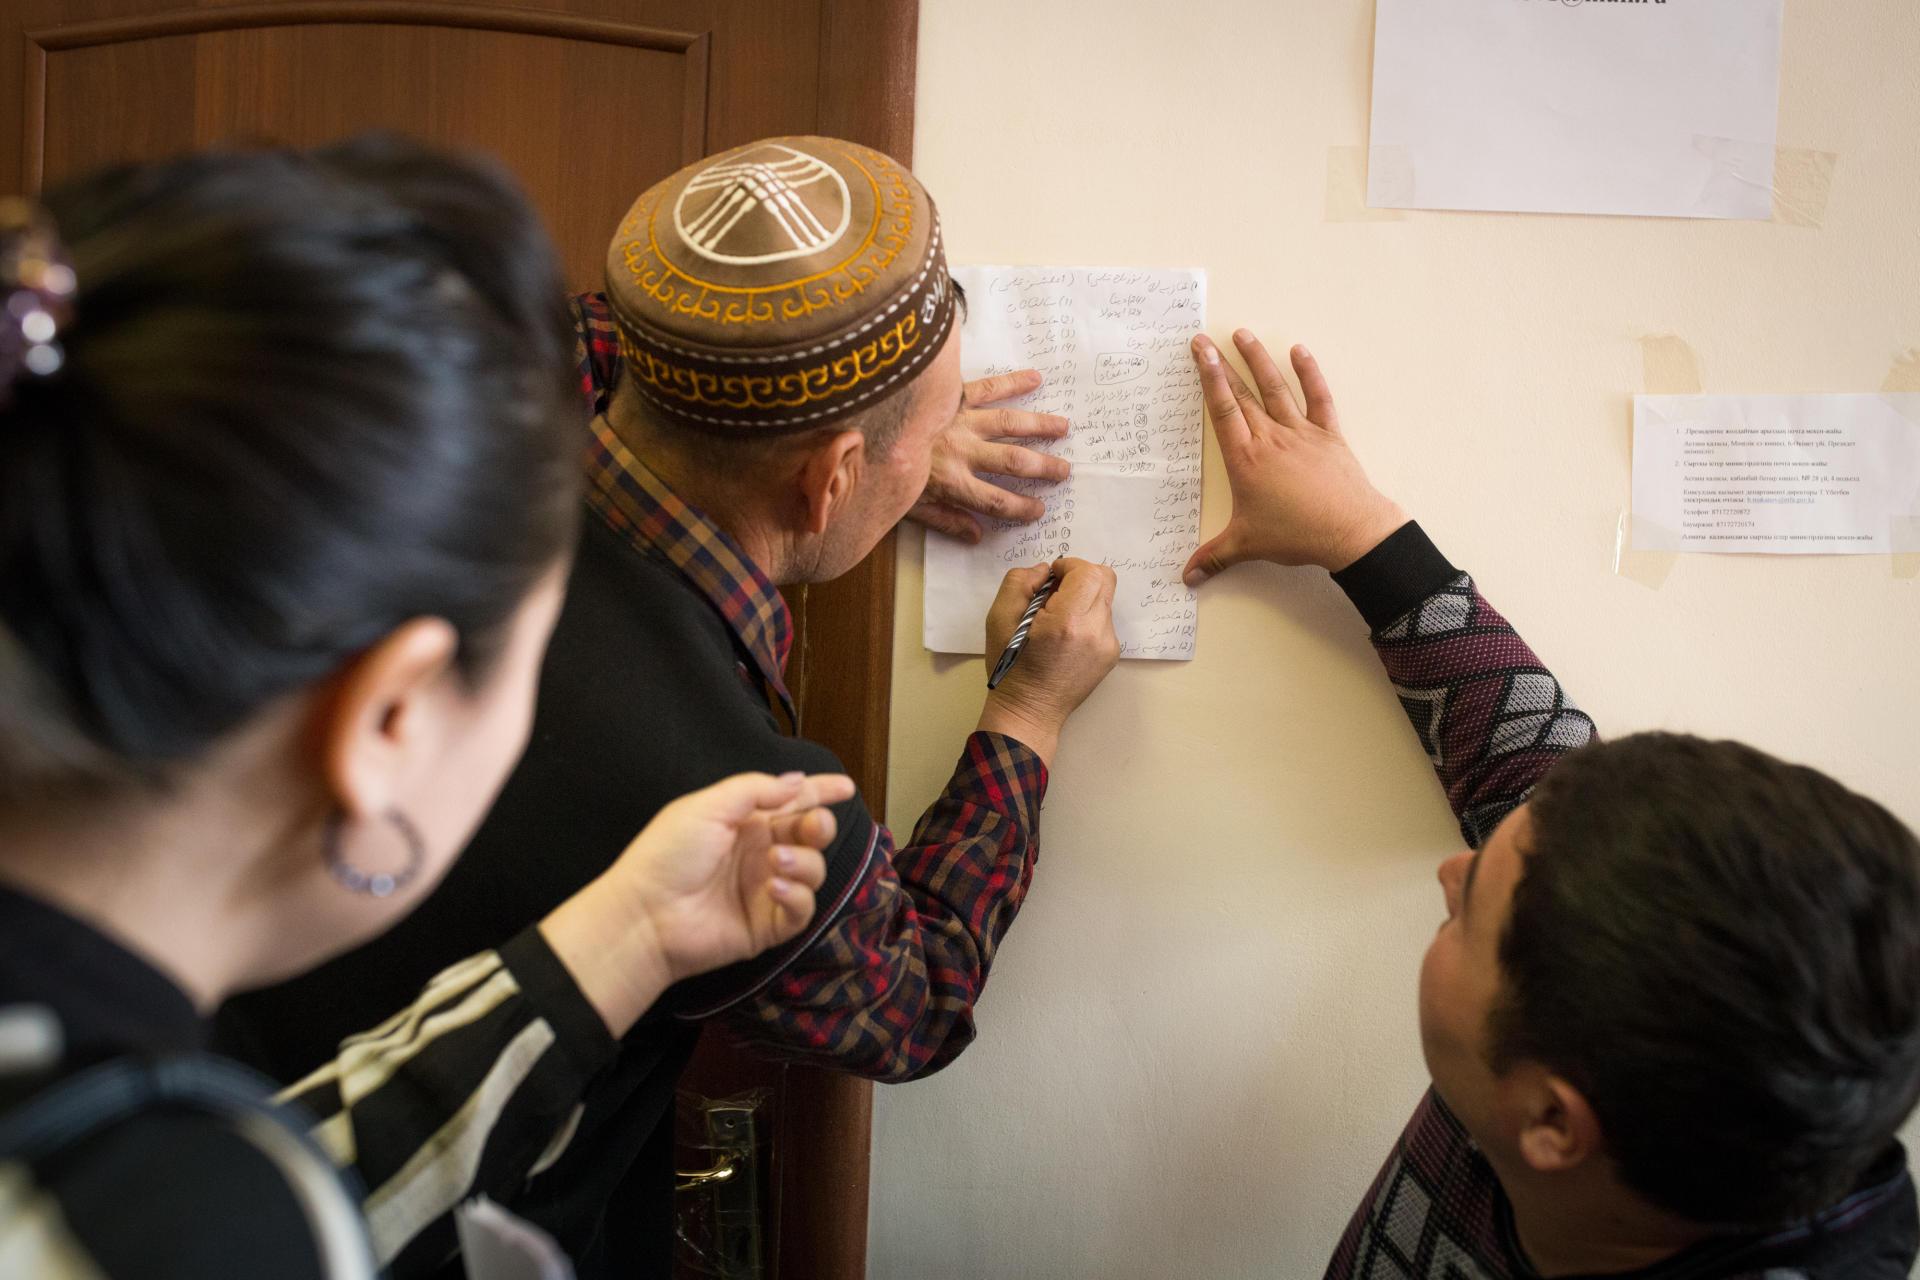 Des bénévoles aident chacun à écrire des lettres à Michelle Bachelet, la Haut-Commissaire des Nations unies aux droits de l'homme et au président kazakh, Noursoultan Nazarbaïev, pour les interpeller sur leurs «disparus». Des familles brandissent le portait de leurs proches détenus ou retenus dans la Xinjiang chinois. A Almaty, au Kazakhstan, en décembre 2018.